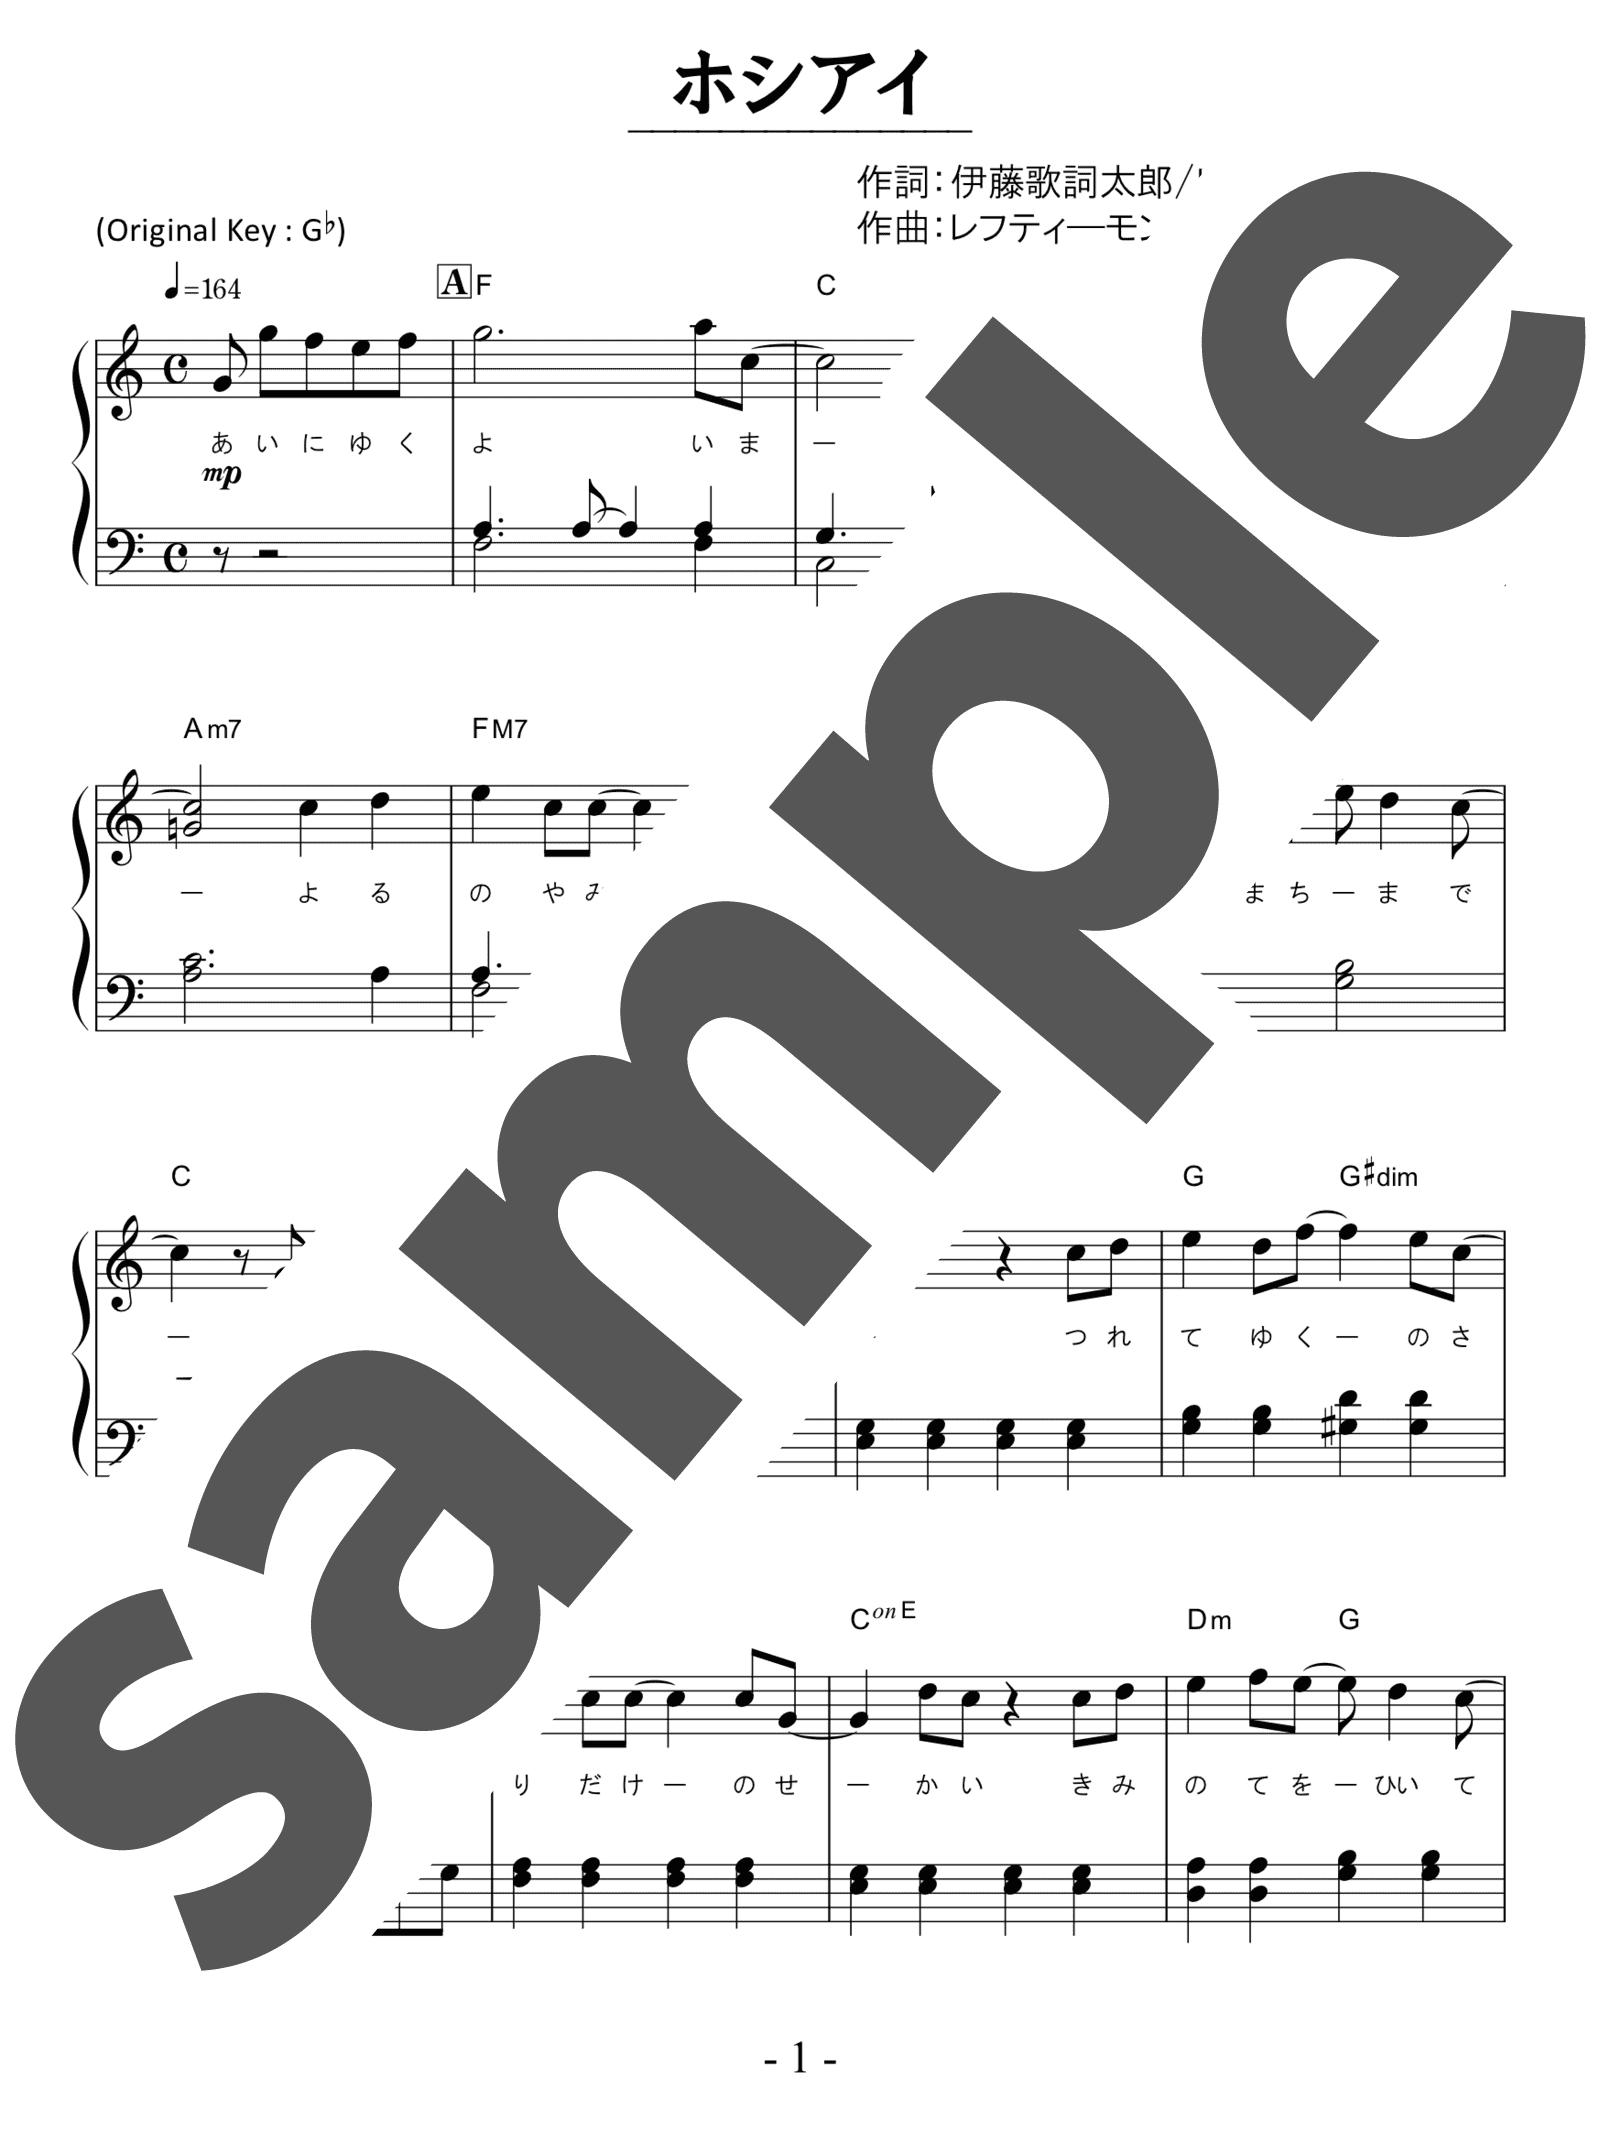 「ホシアイ」のサンプル楽譜